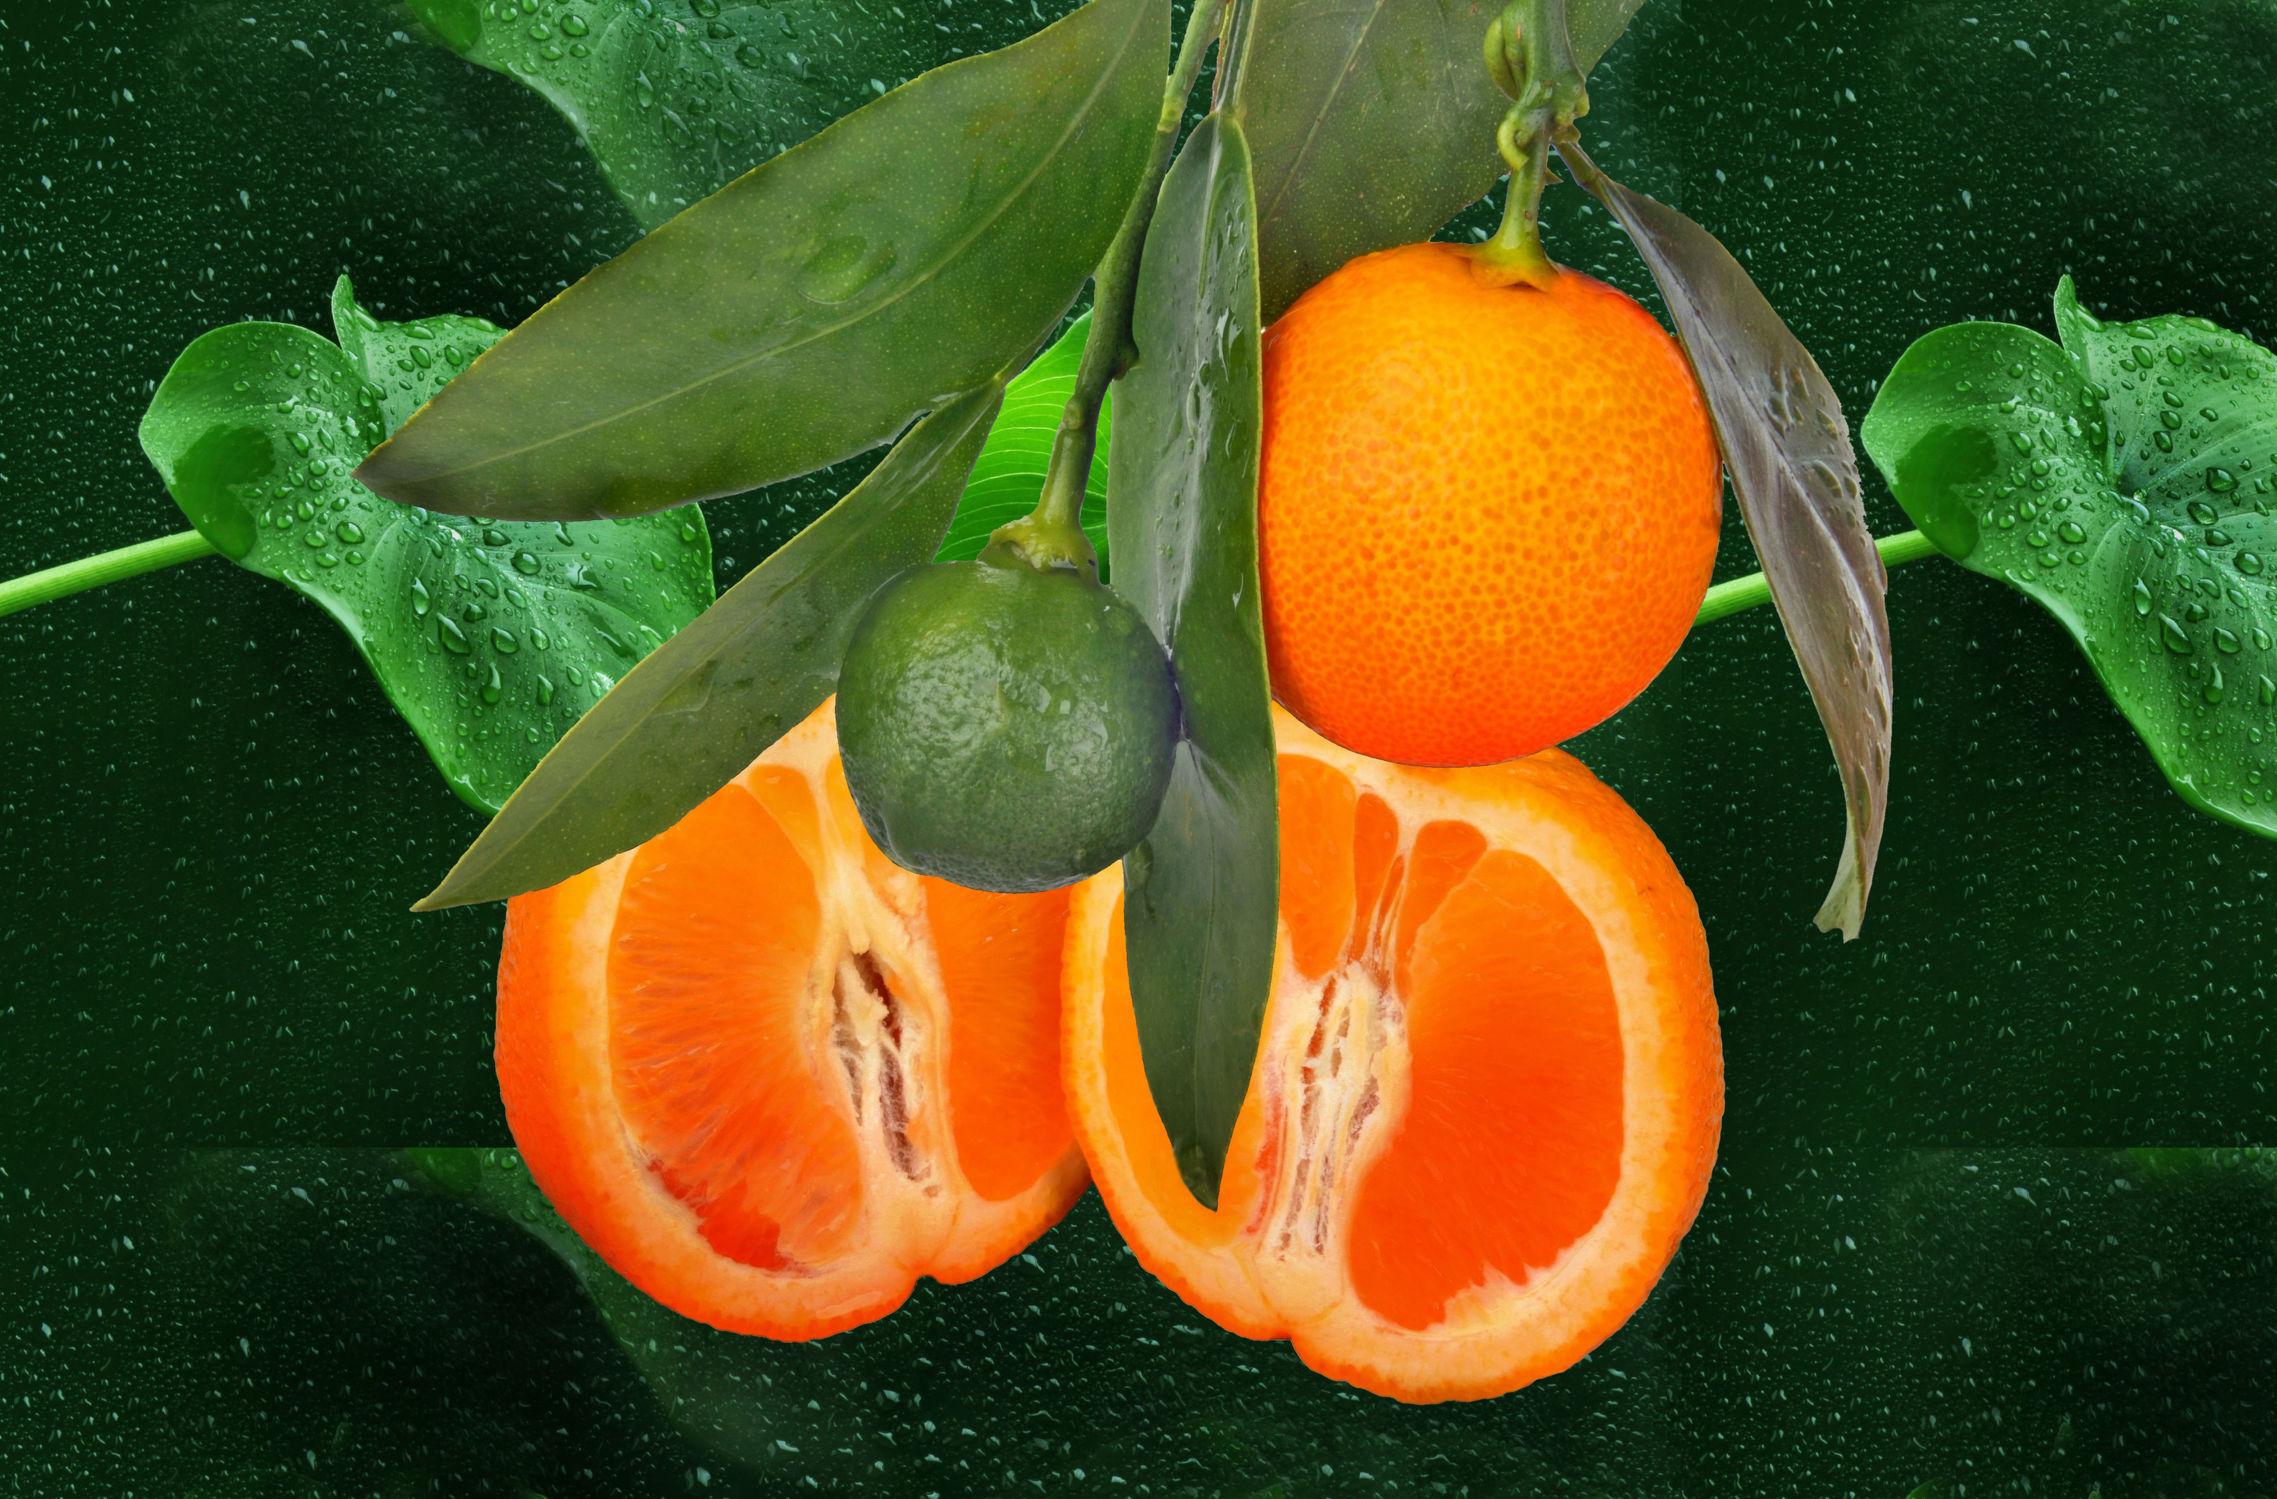 Bild mit Orange, Früchte, Orangen, Frucht, Obst, Küchenbild, Wassertropfen, Food, Küchenbilder, KITCHEN, frisch, Küche, Küchen, Apfelsine, Apfelsinen, kochen